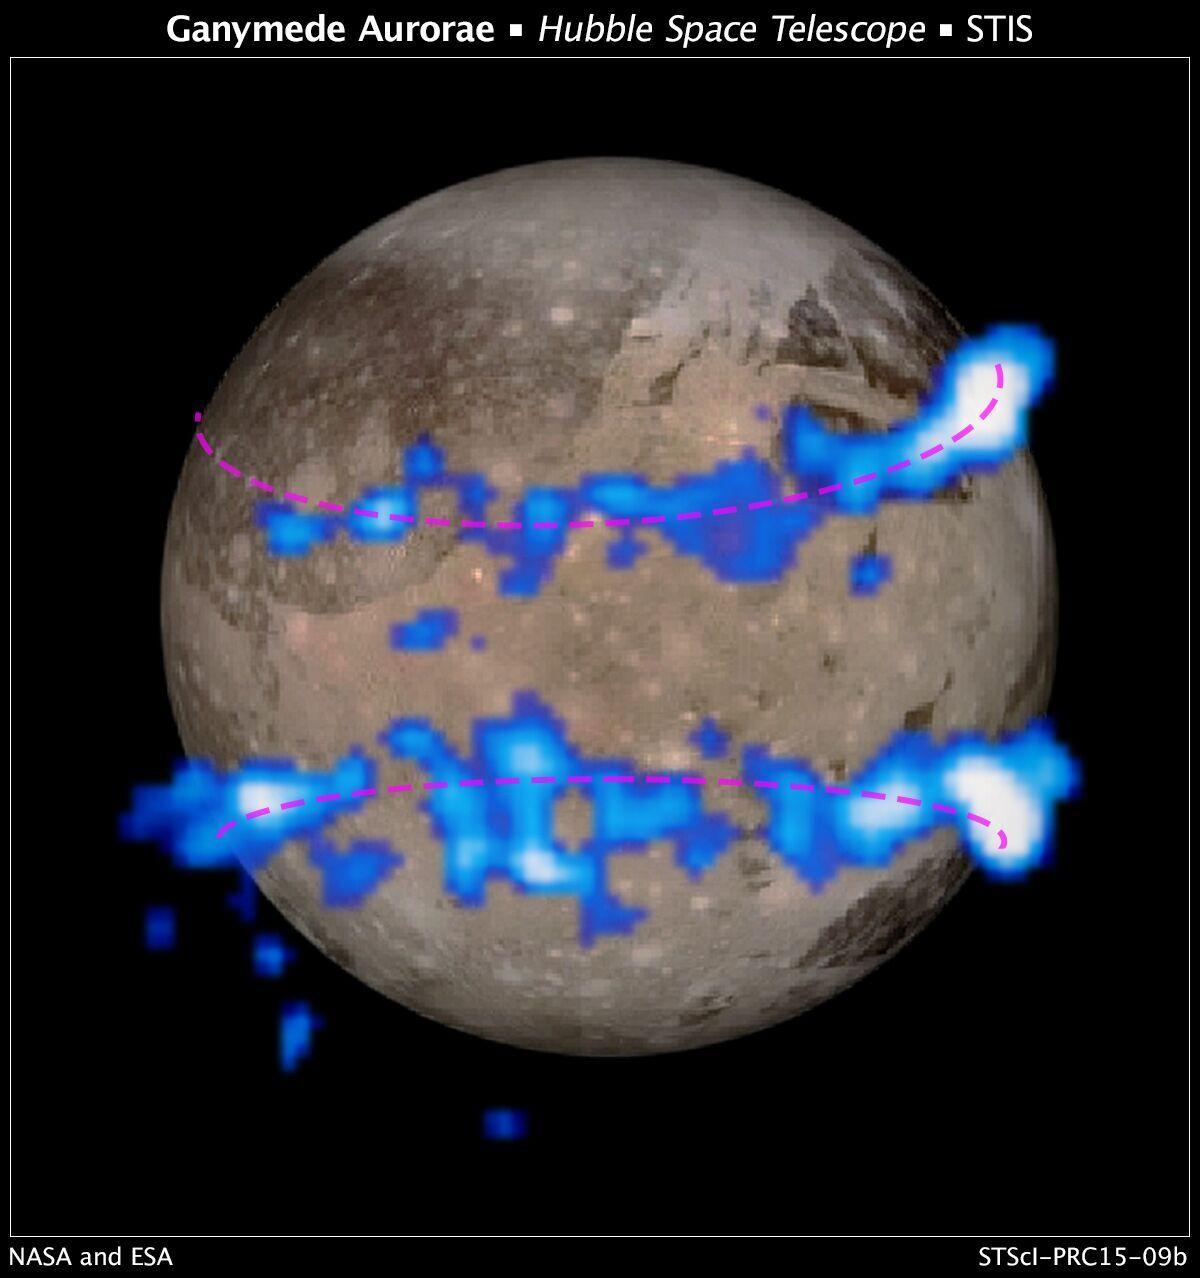 研究称木星最大卫星地下海水量比地球还多 - longxinlei843 - 龙树勇:青山碧水!蓝天白云!